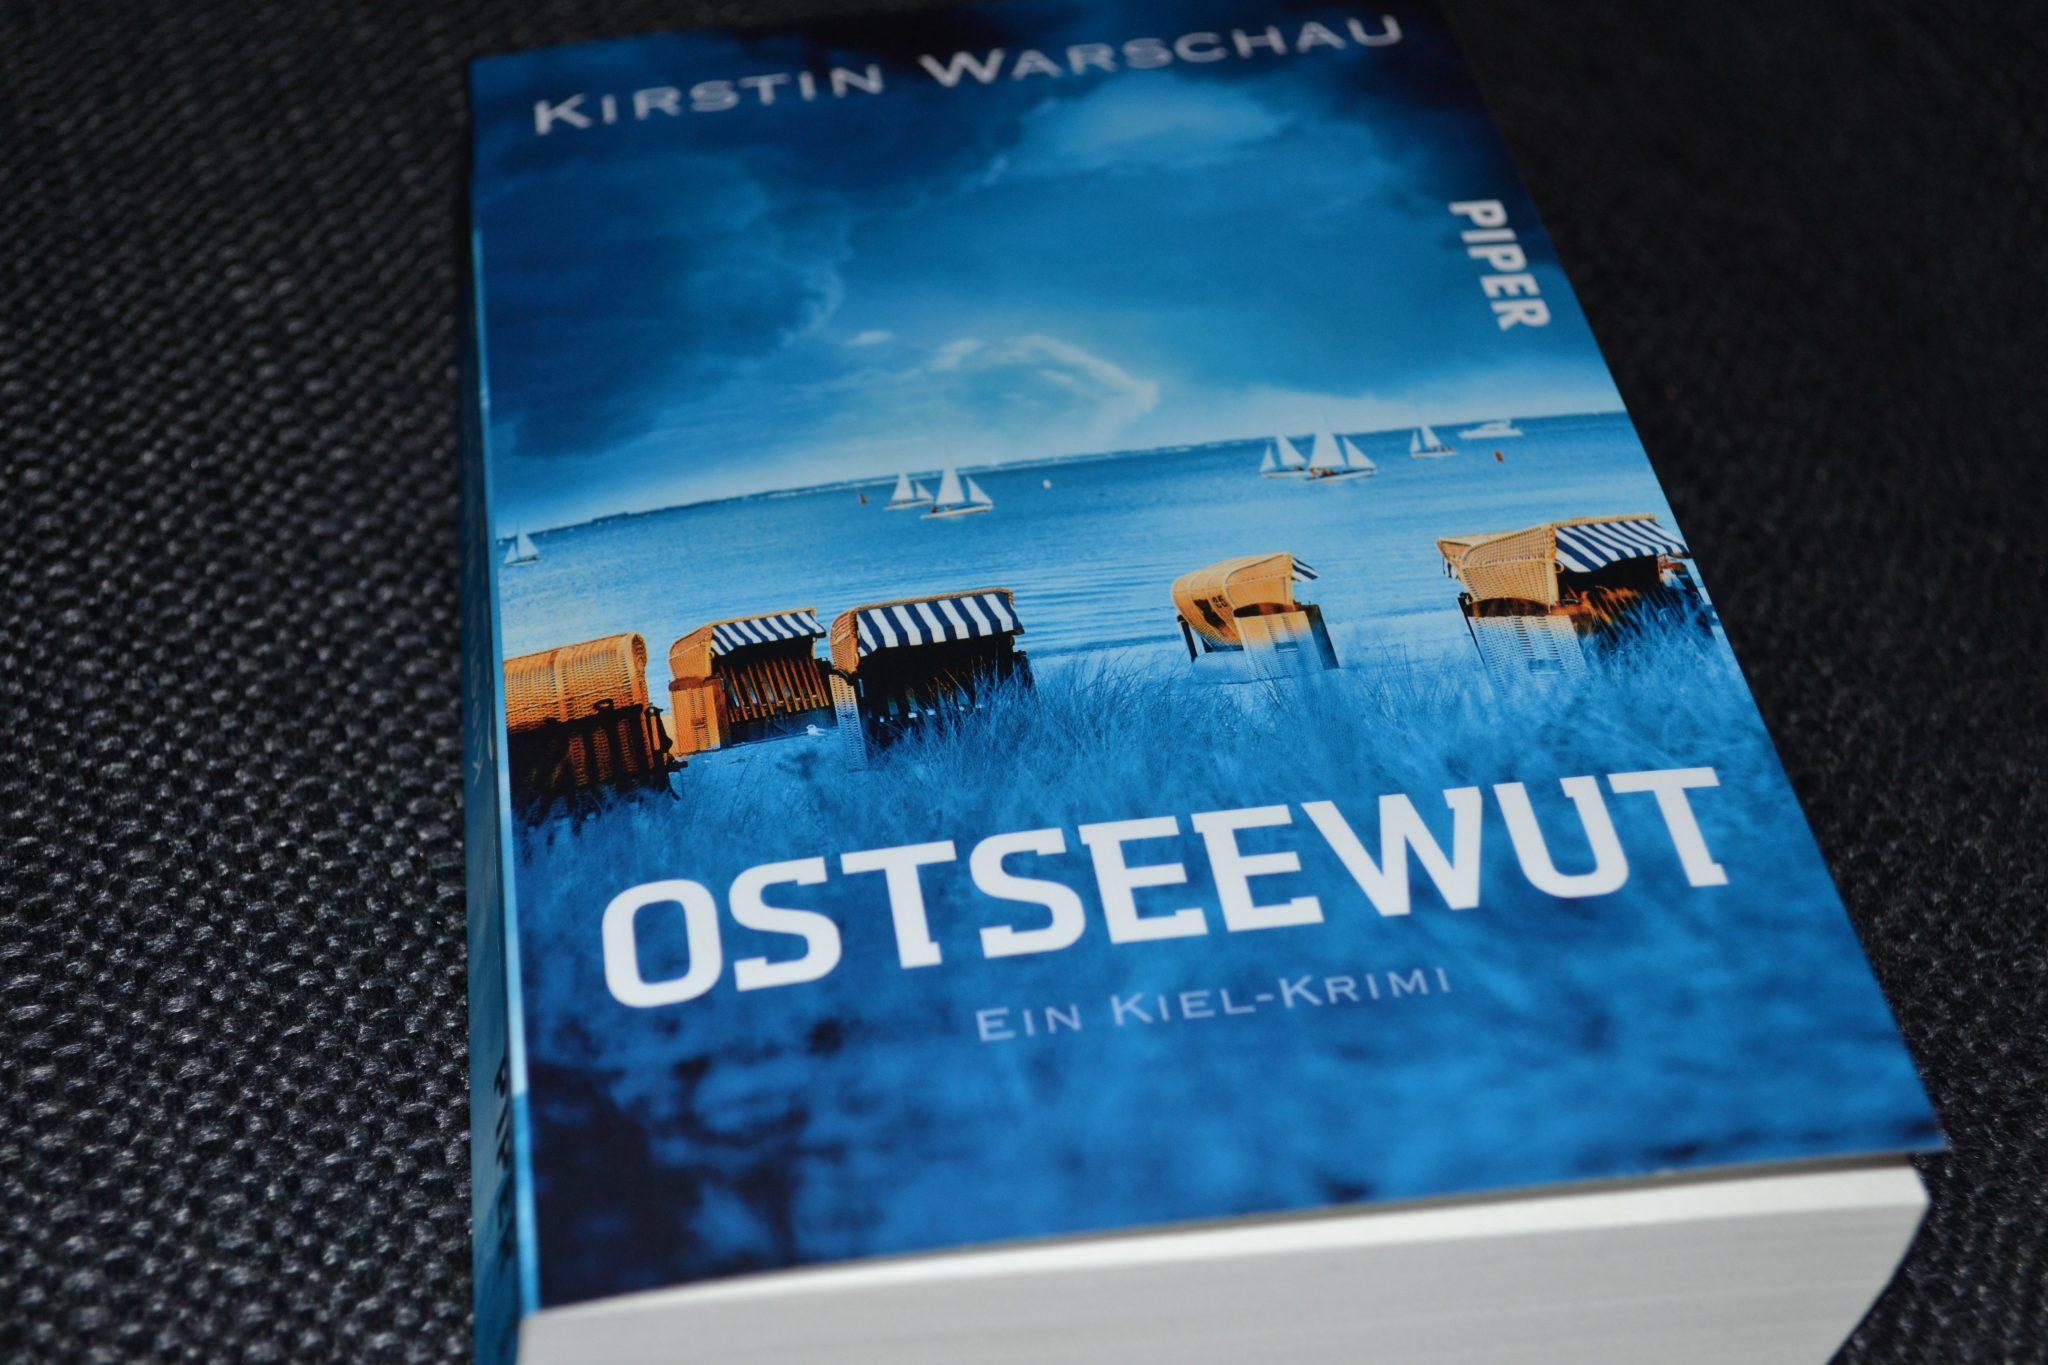 Books: Ostseewut | Kirstin Warschau - DSC 0086